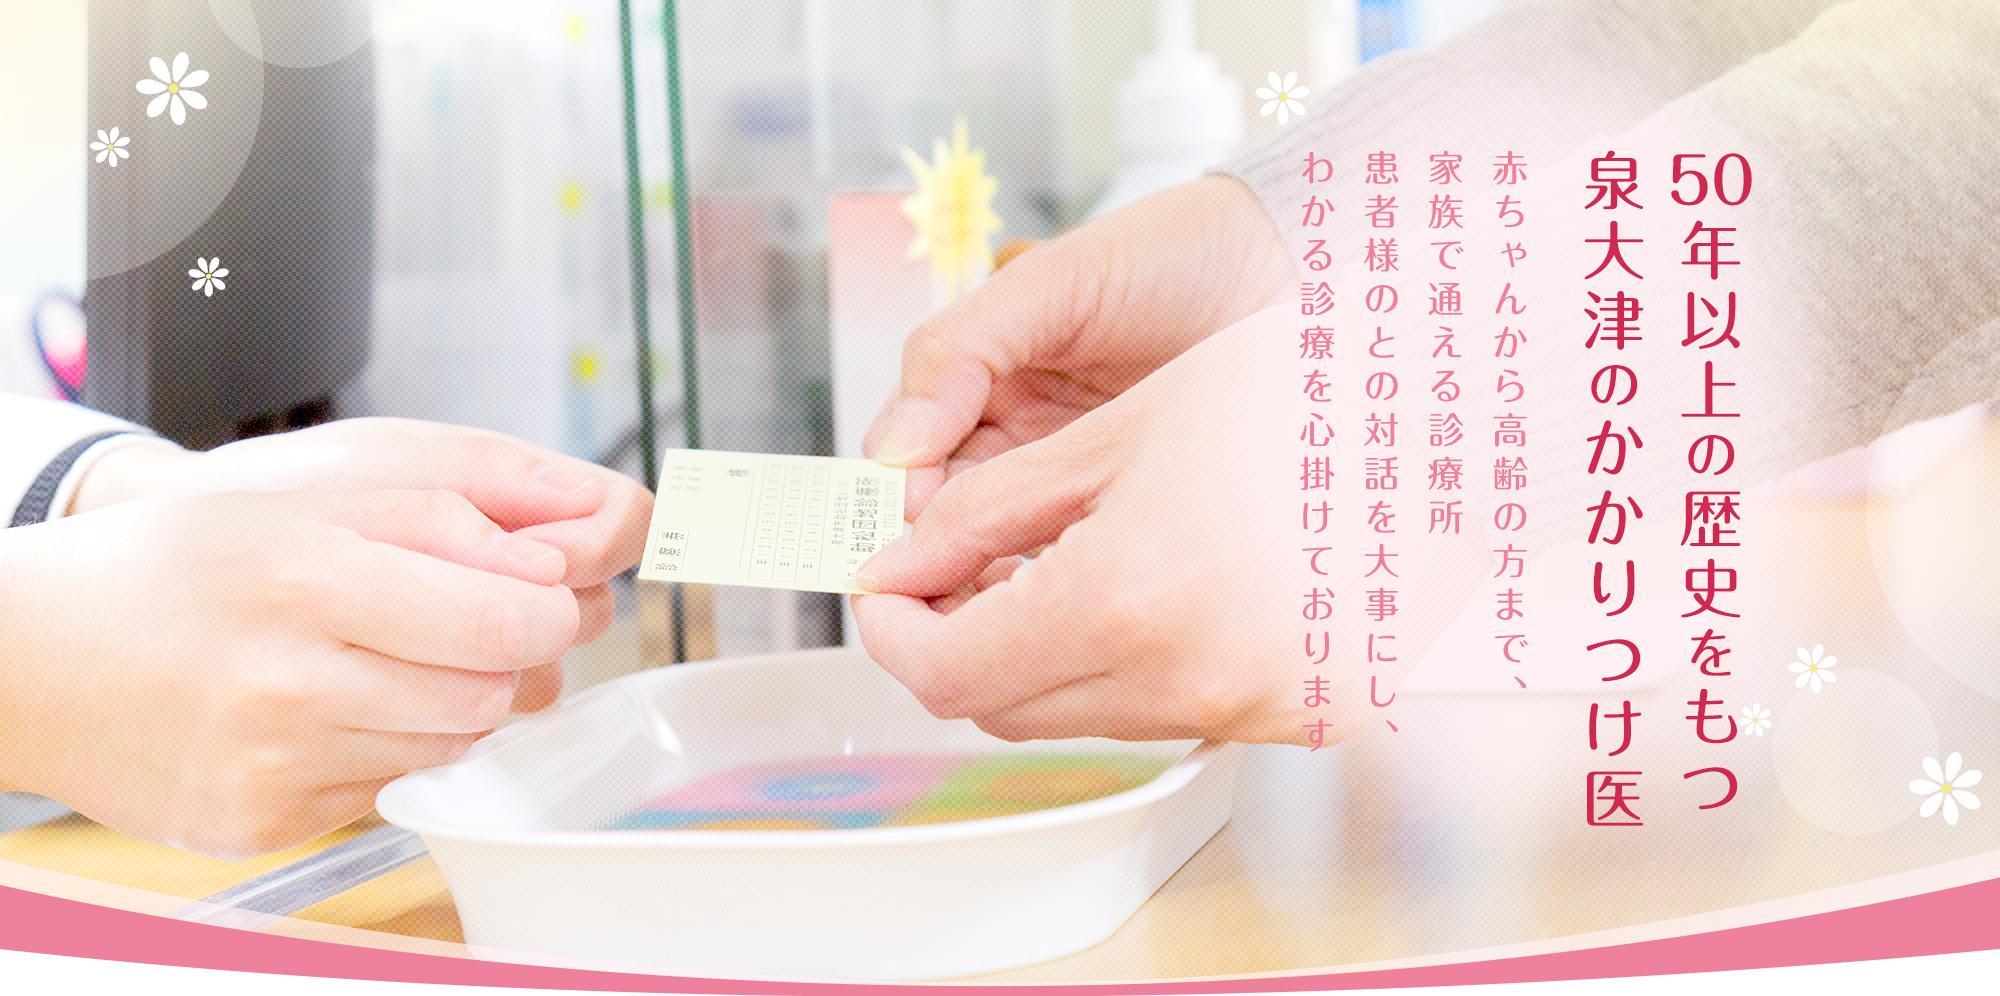 泉大津市の内科小児科 助松団地診療所のホームページへようこそ。